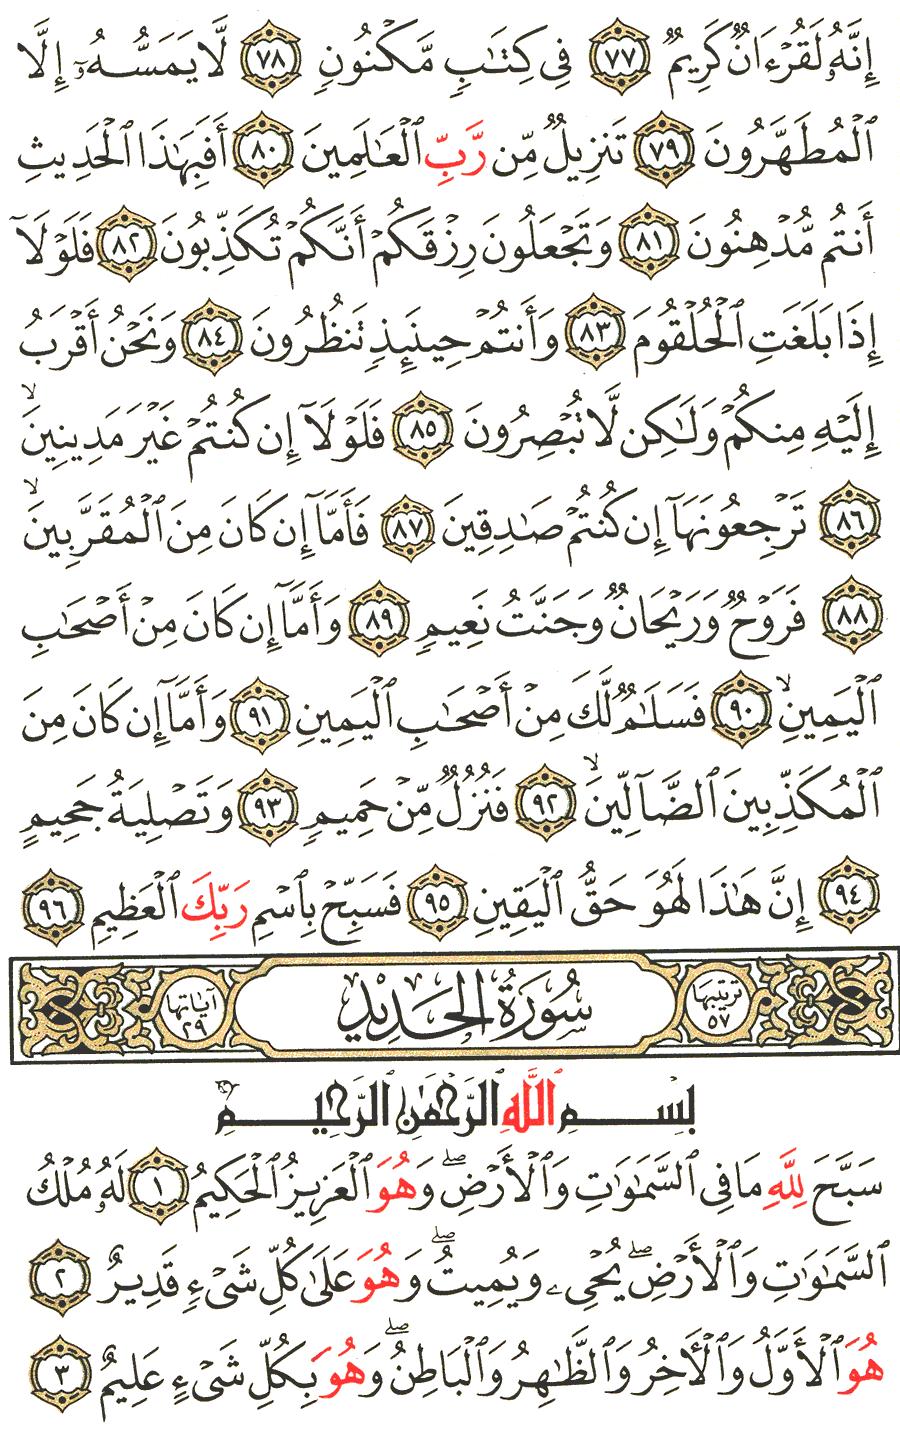 الصفحة رقم 537 من القرآن الكريم مكتوبة من المصحف